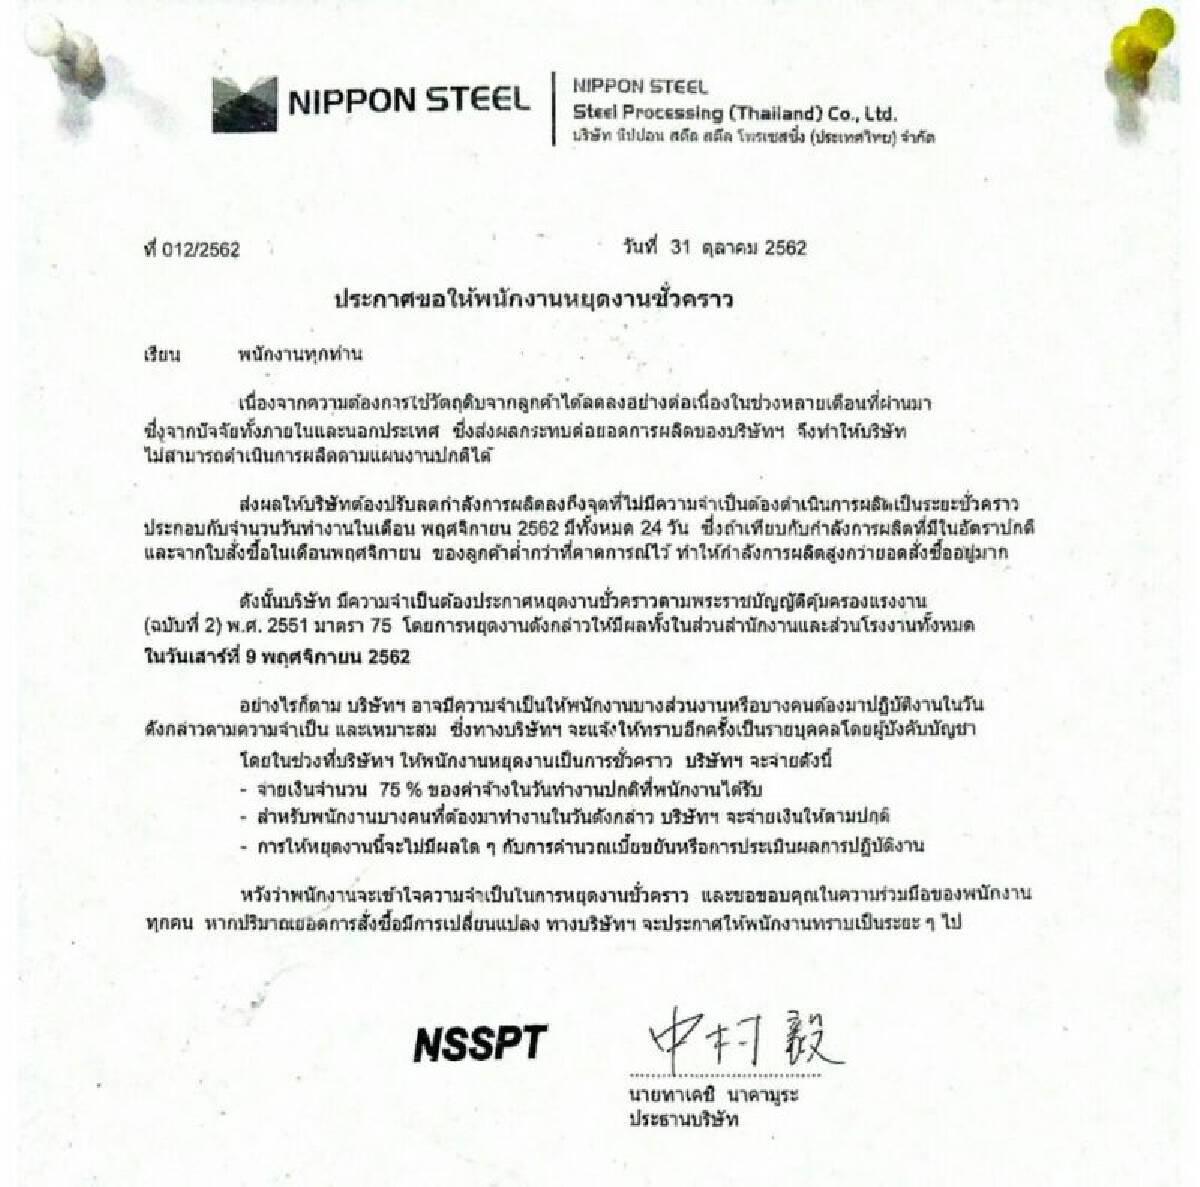 """เปิดจ.ม. บริษัทลูก """"NIPPON STEEL""""  หยุดงานชั่วคราว"""